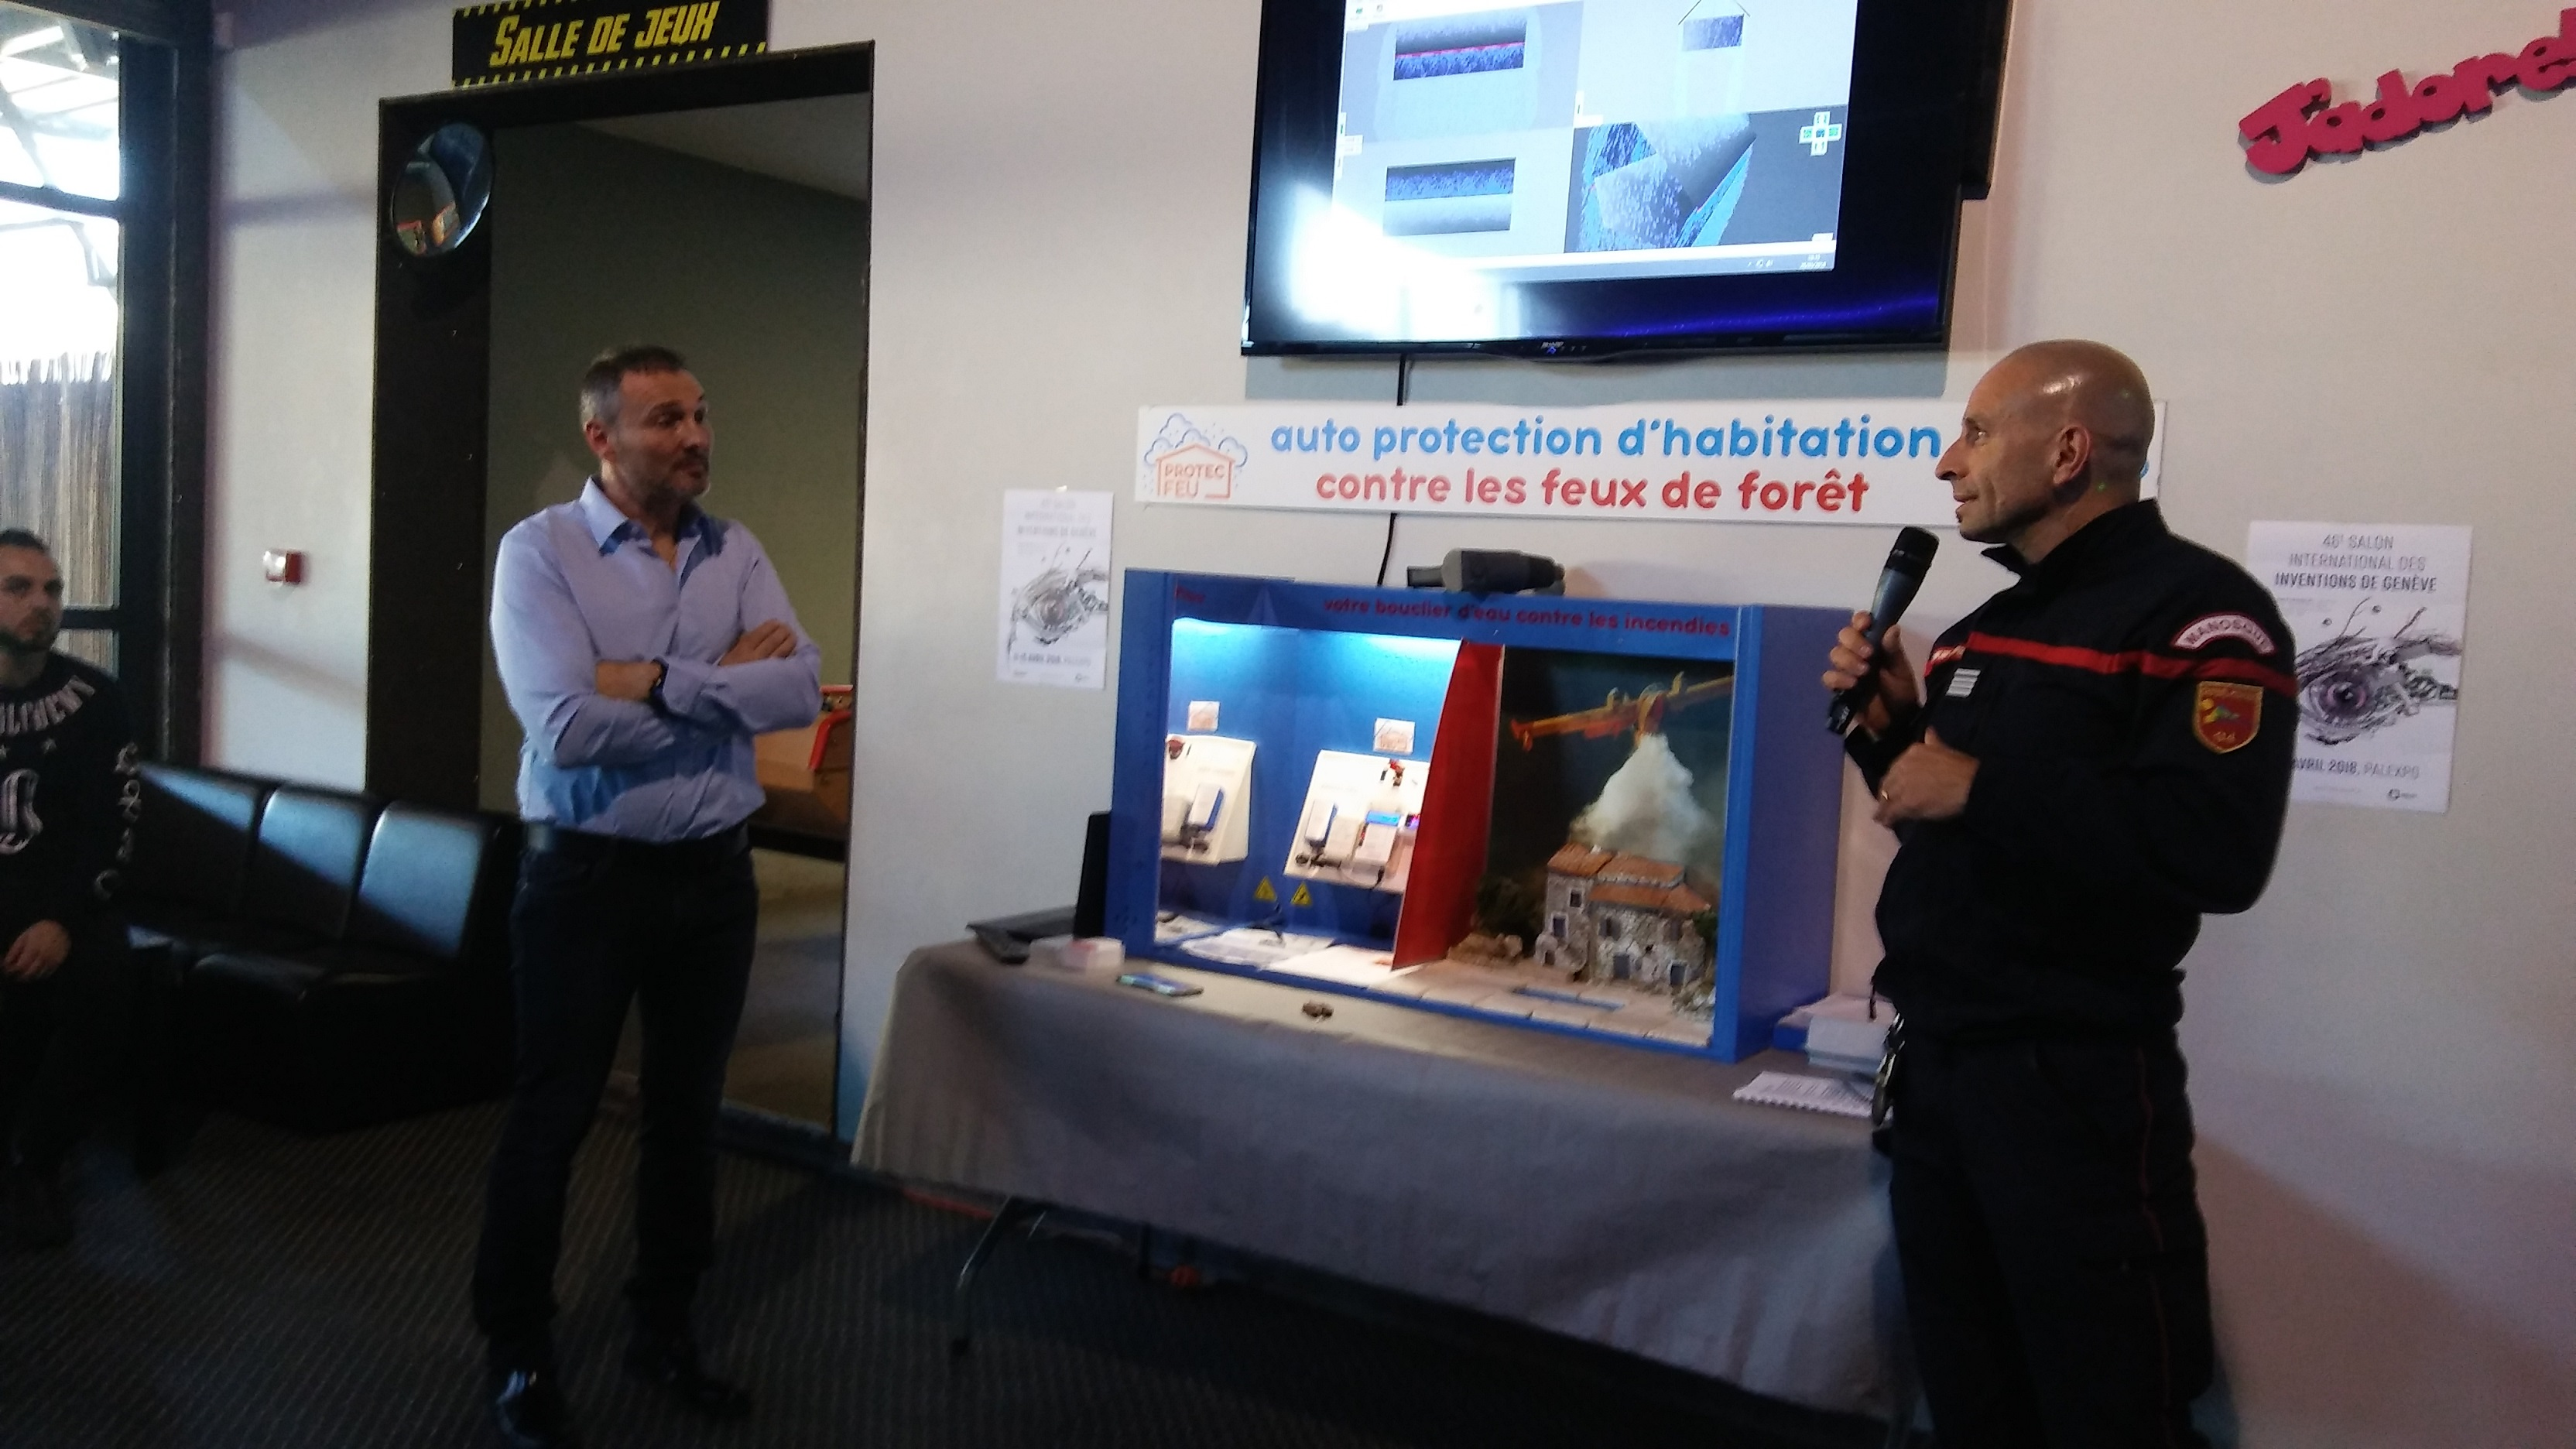 Protec Feu: un dispositif astucieux pour protéger une maison en cas d'incendie